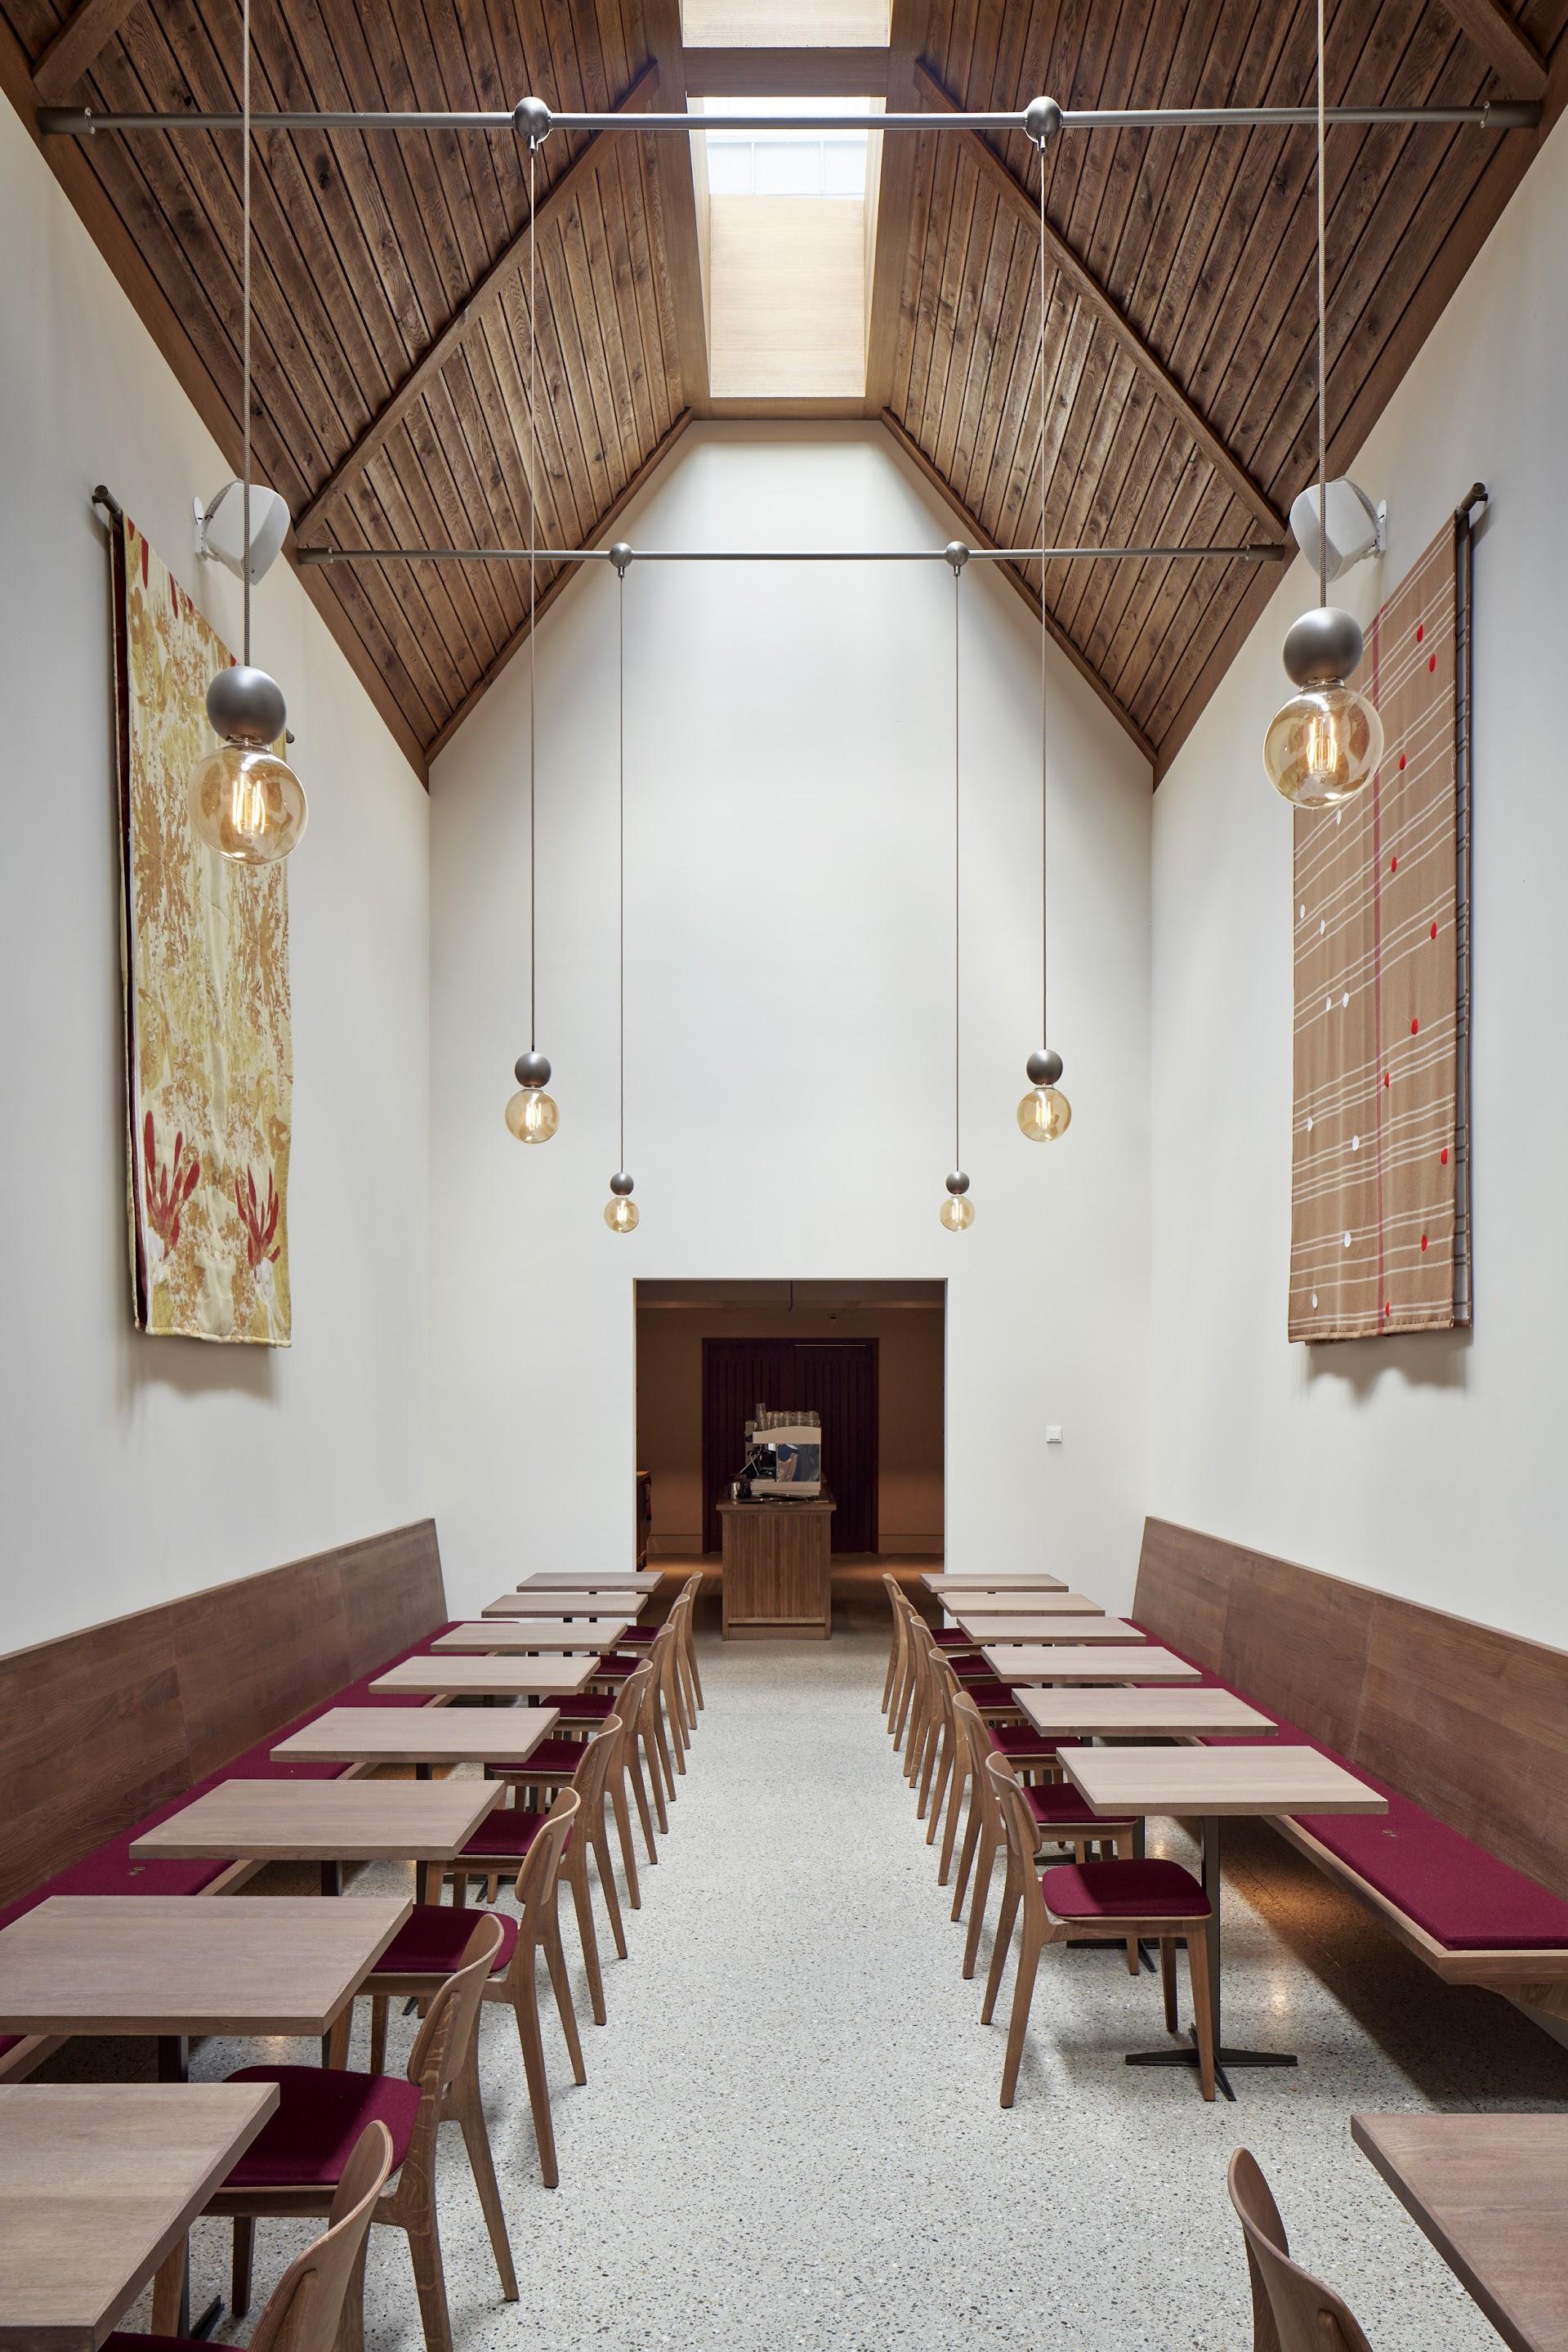 Café Laken